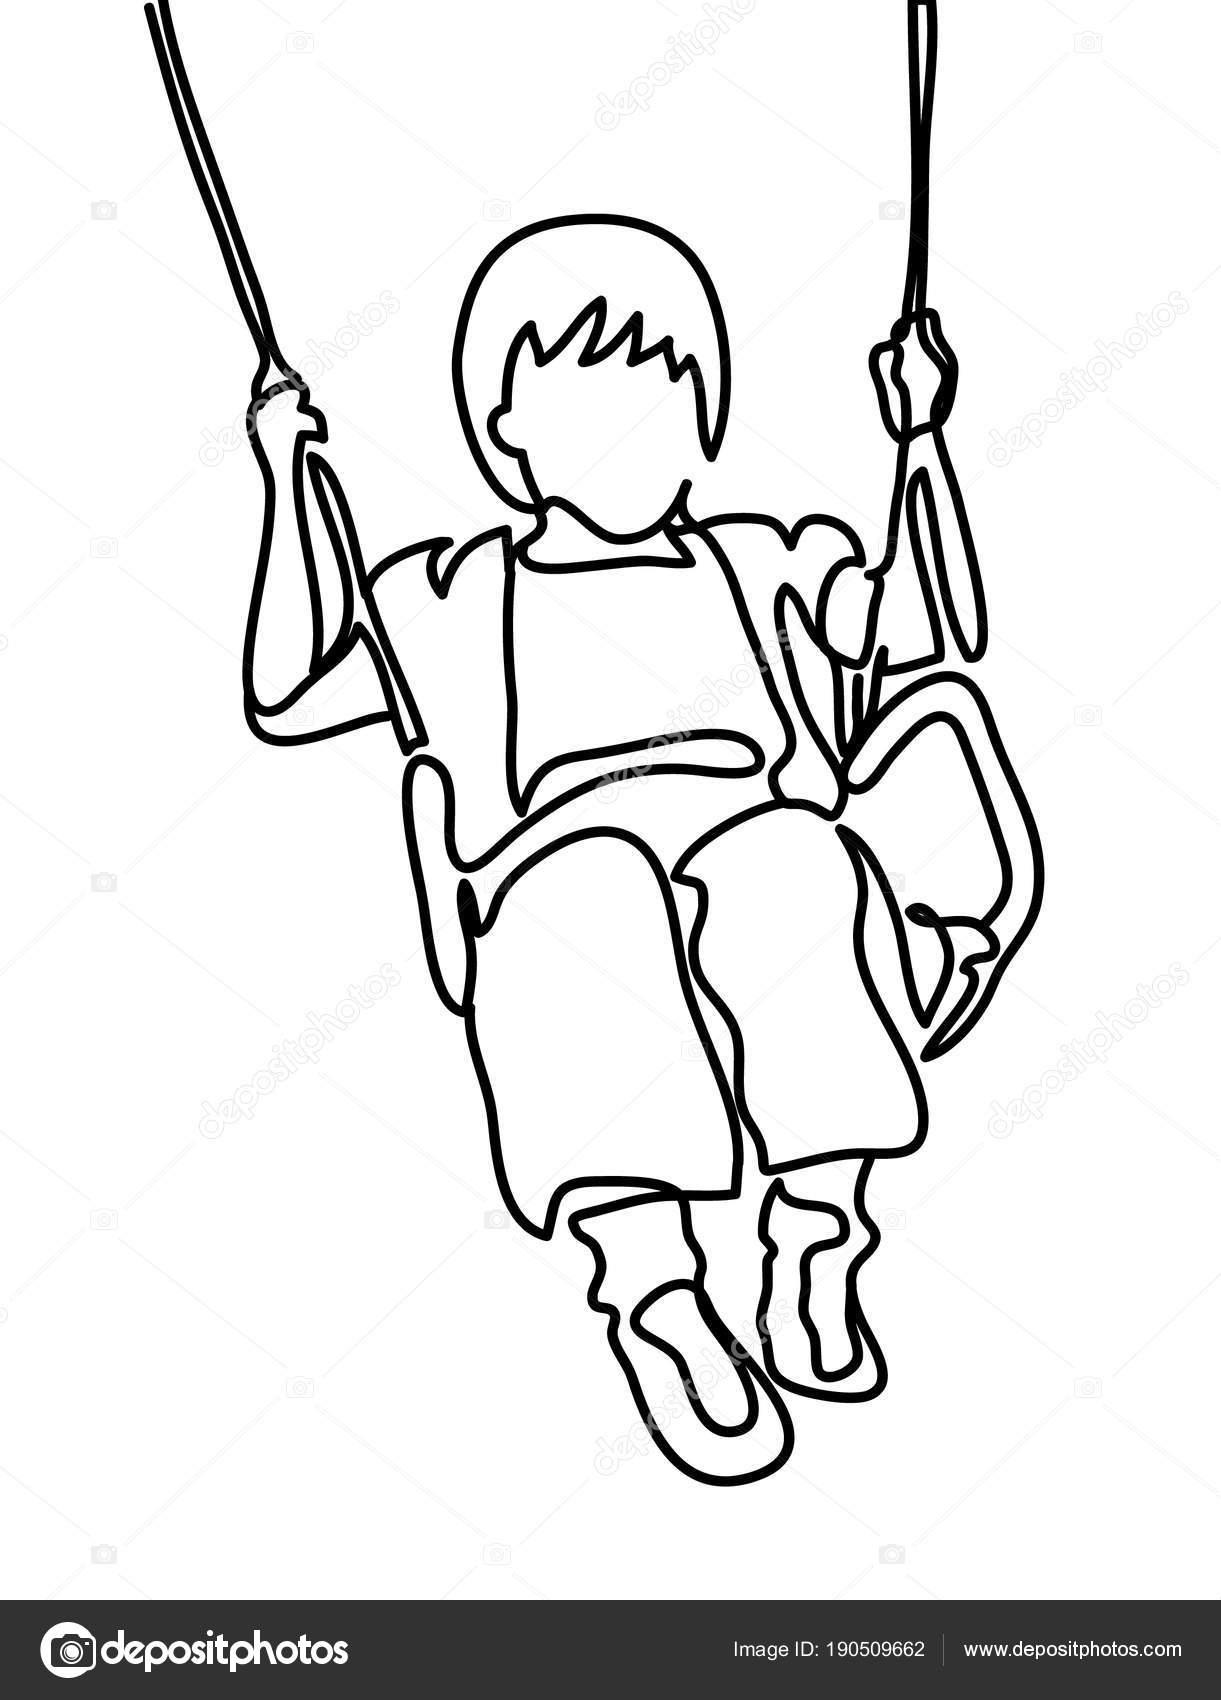 Dessin Balançoire dessin au trait continu. jeune fille se balancer sur une balançoire